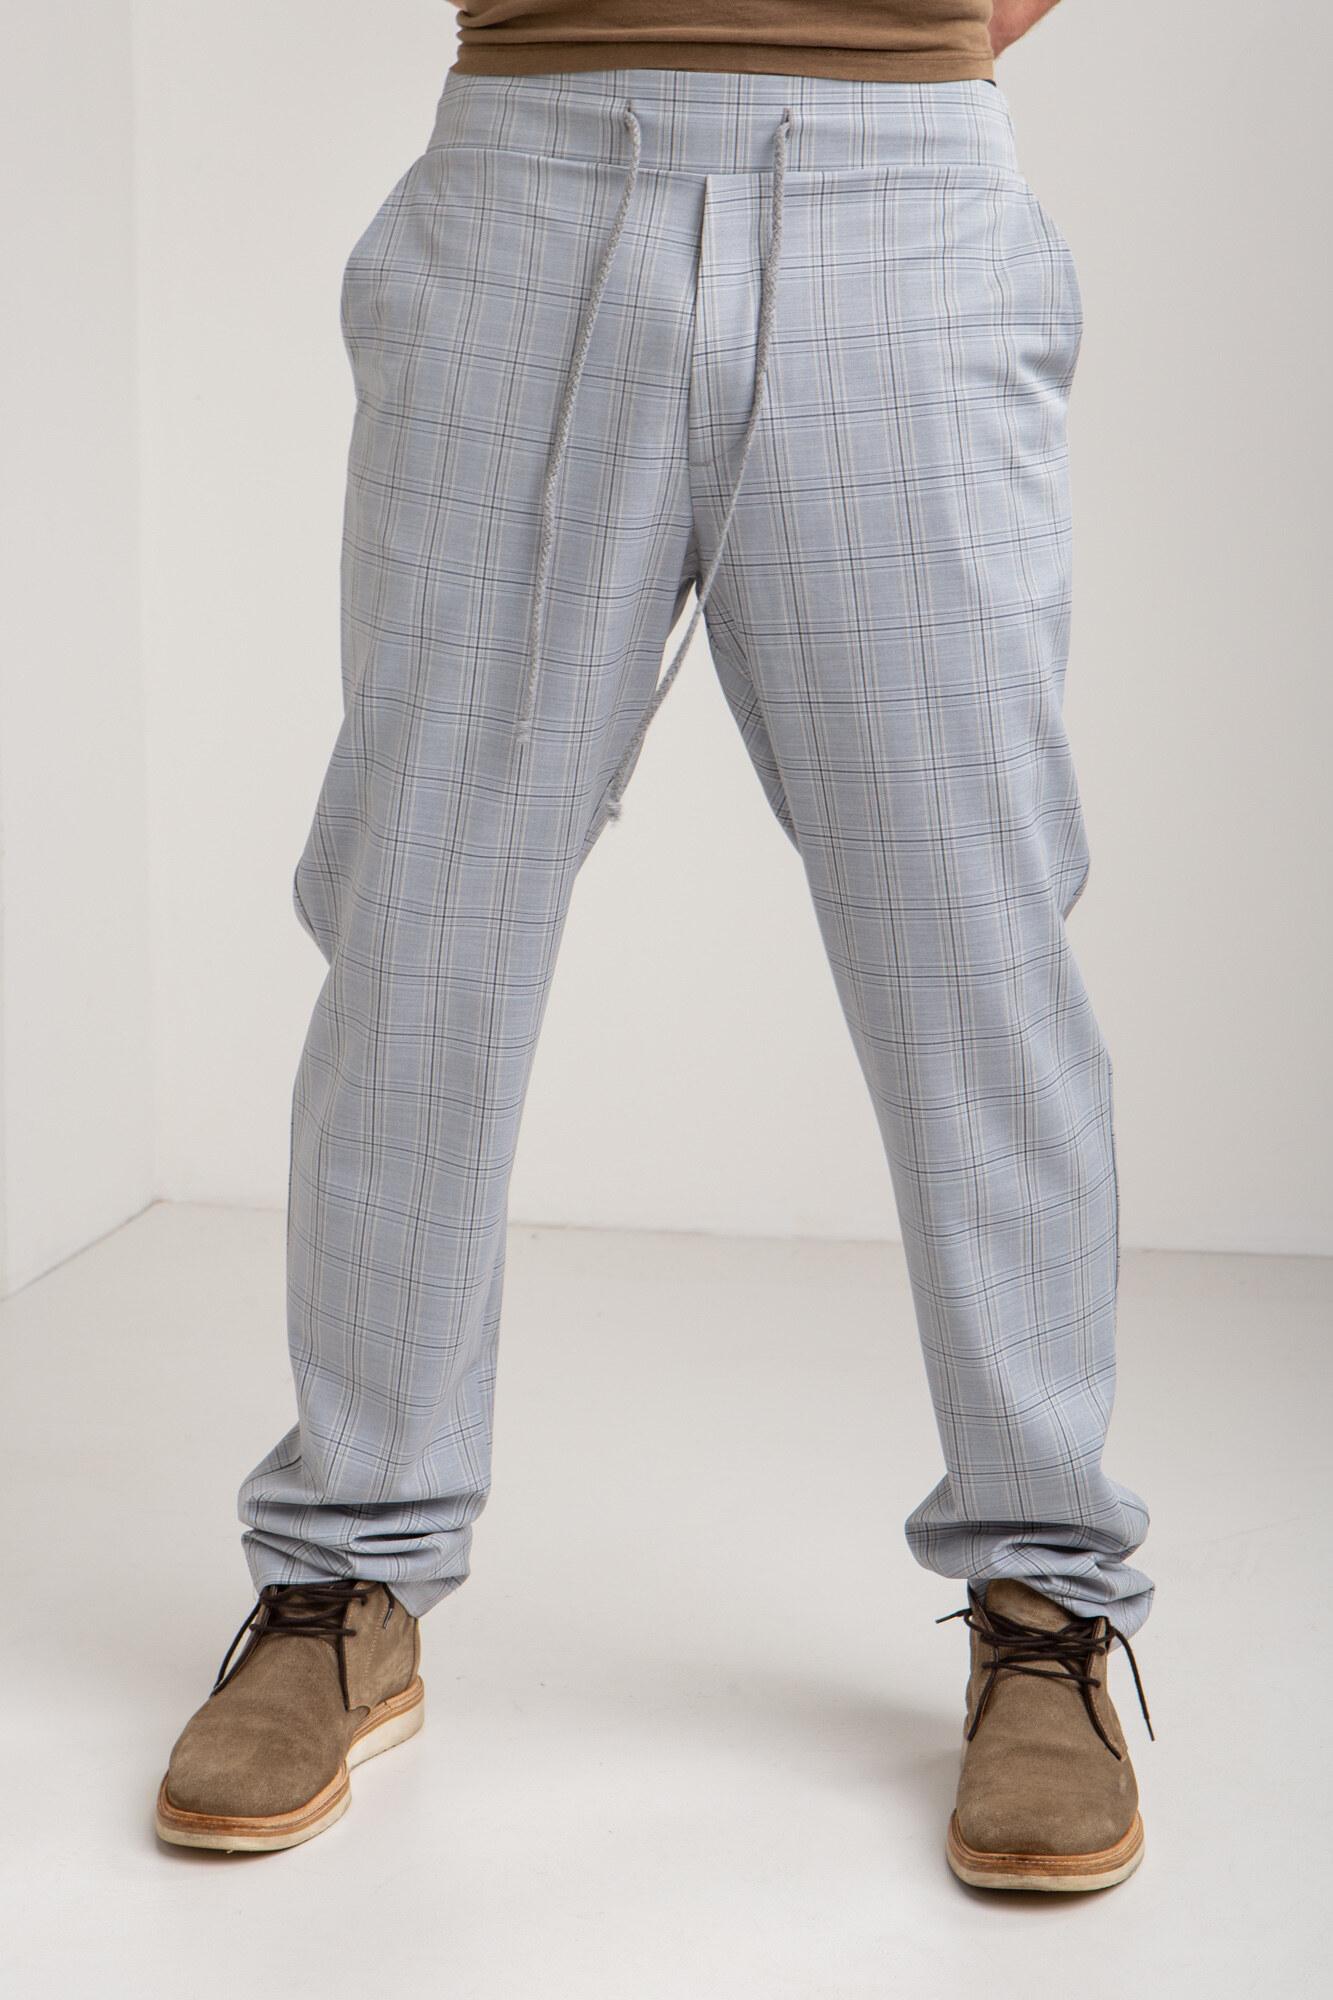 GEN Хлопковые брюки в спортивном стиле серого цвета в клетку GEN